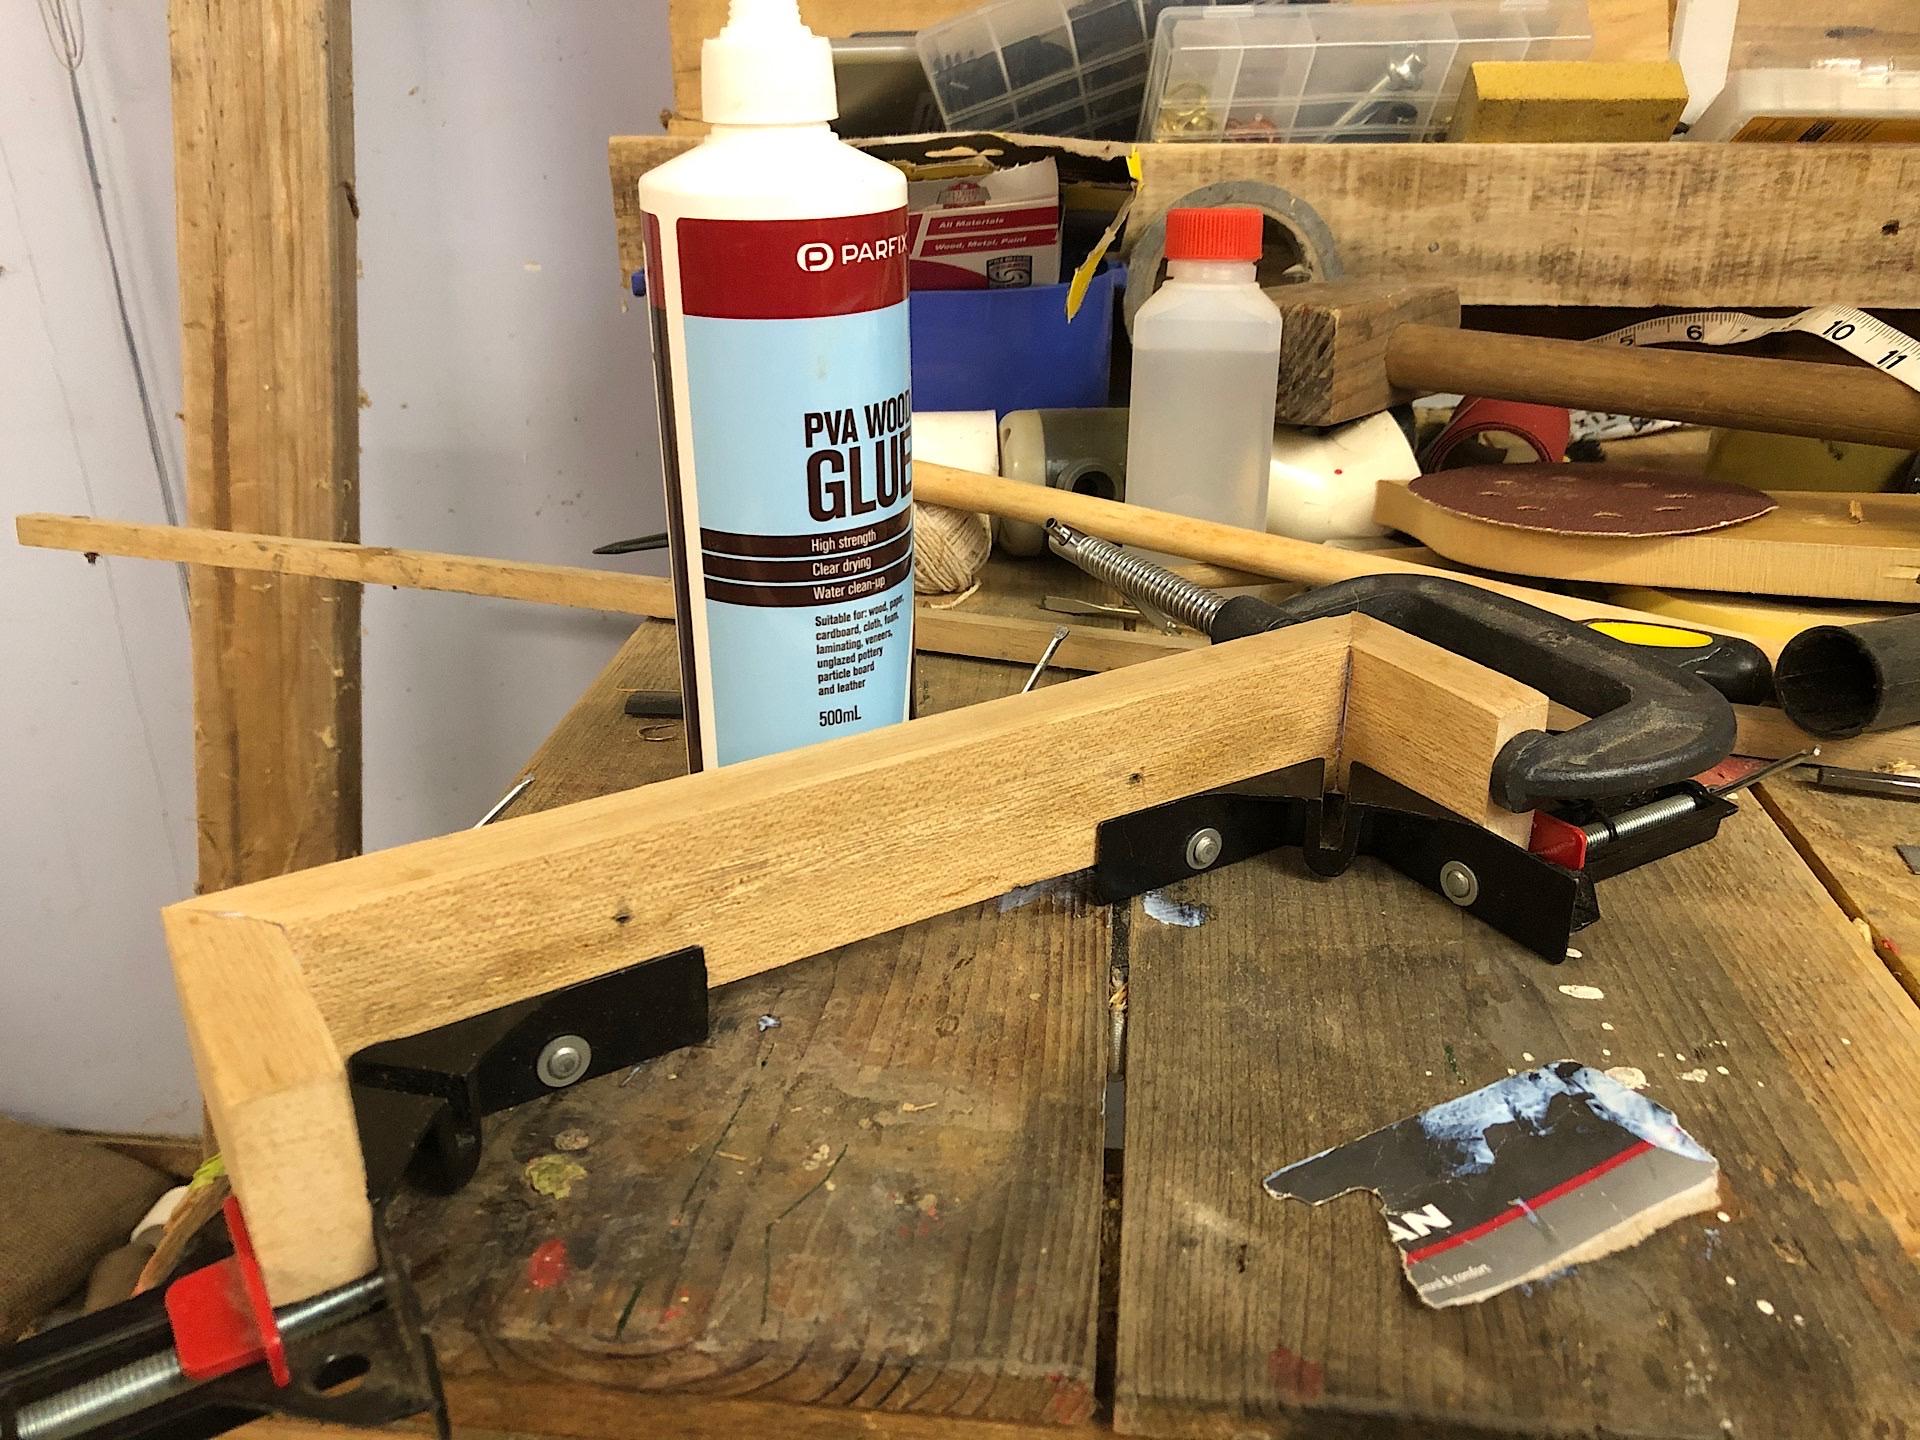 Building a wooden organiser box